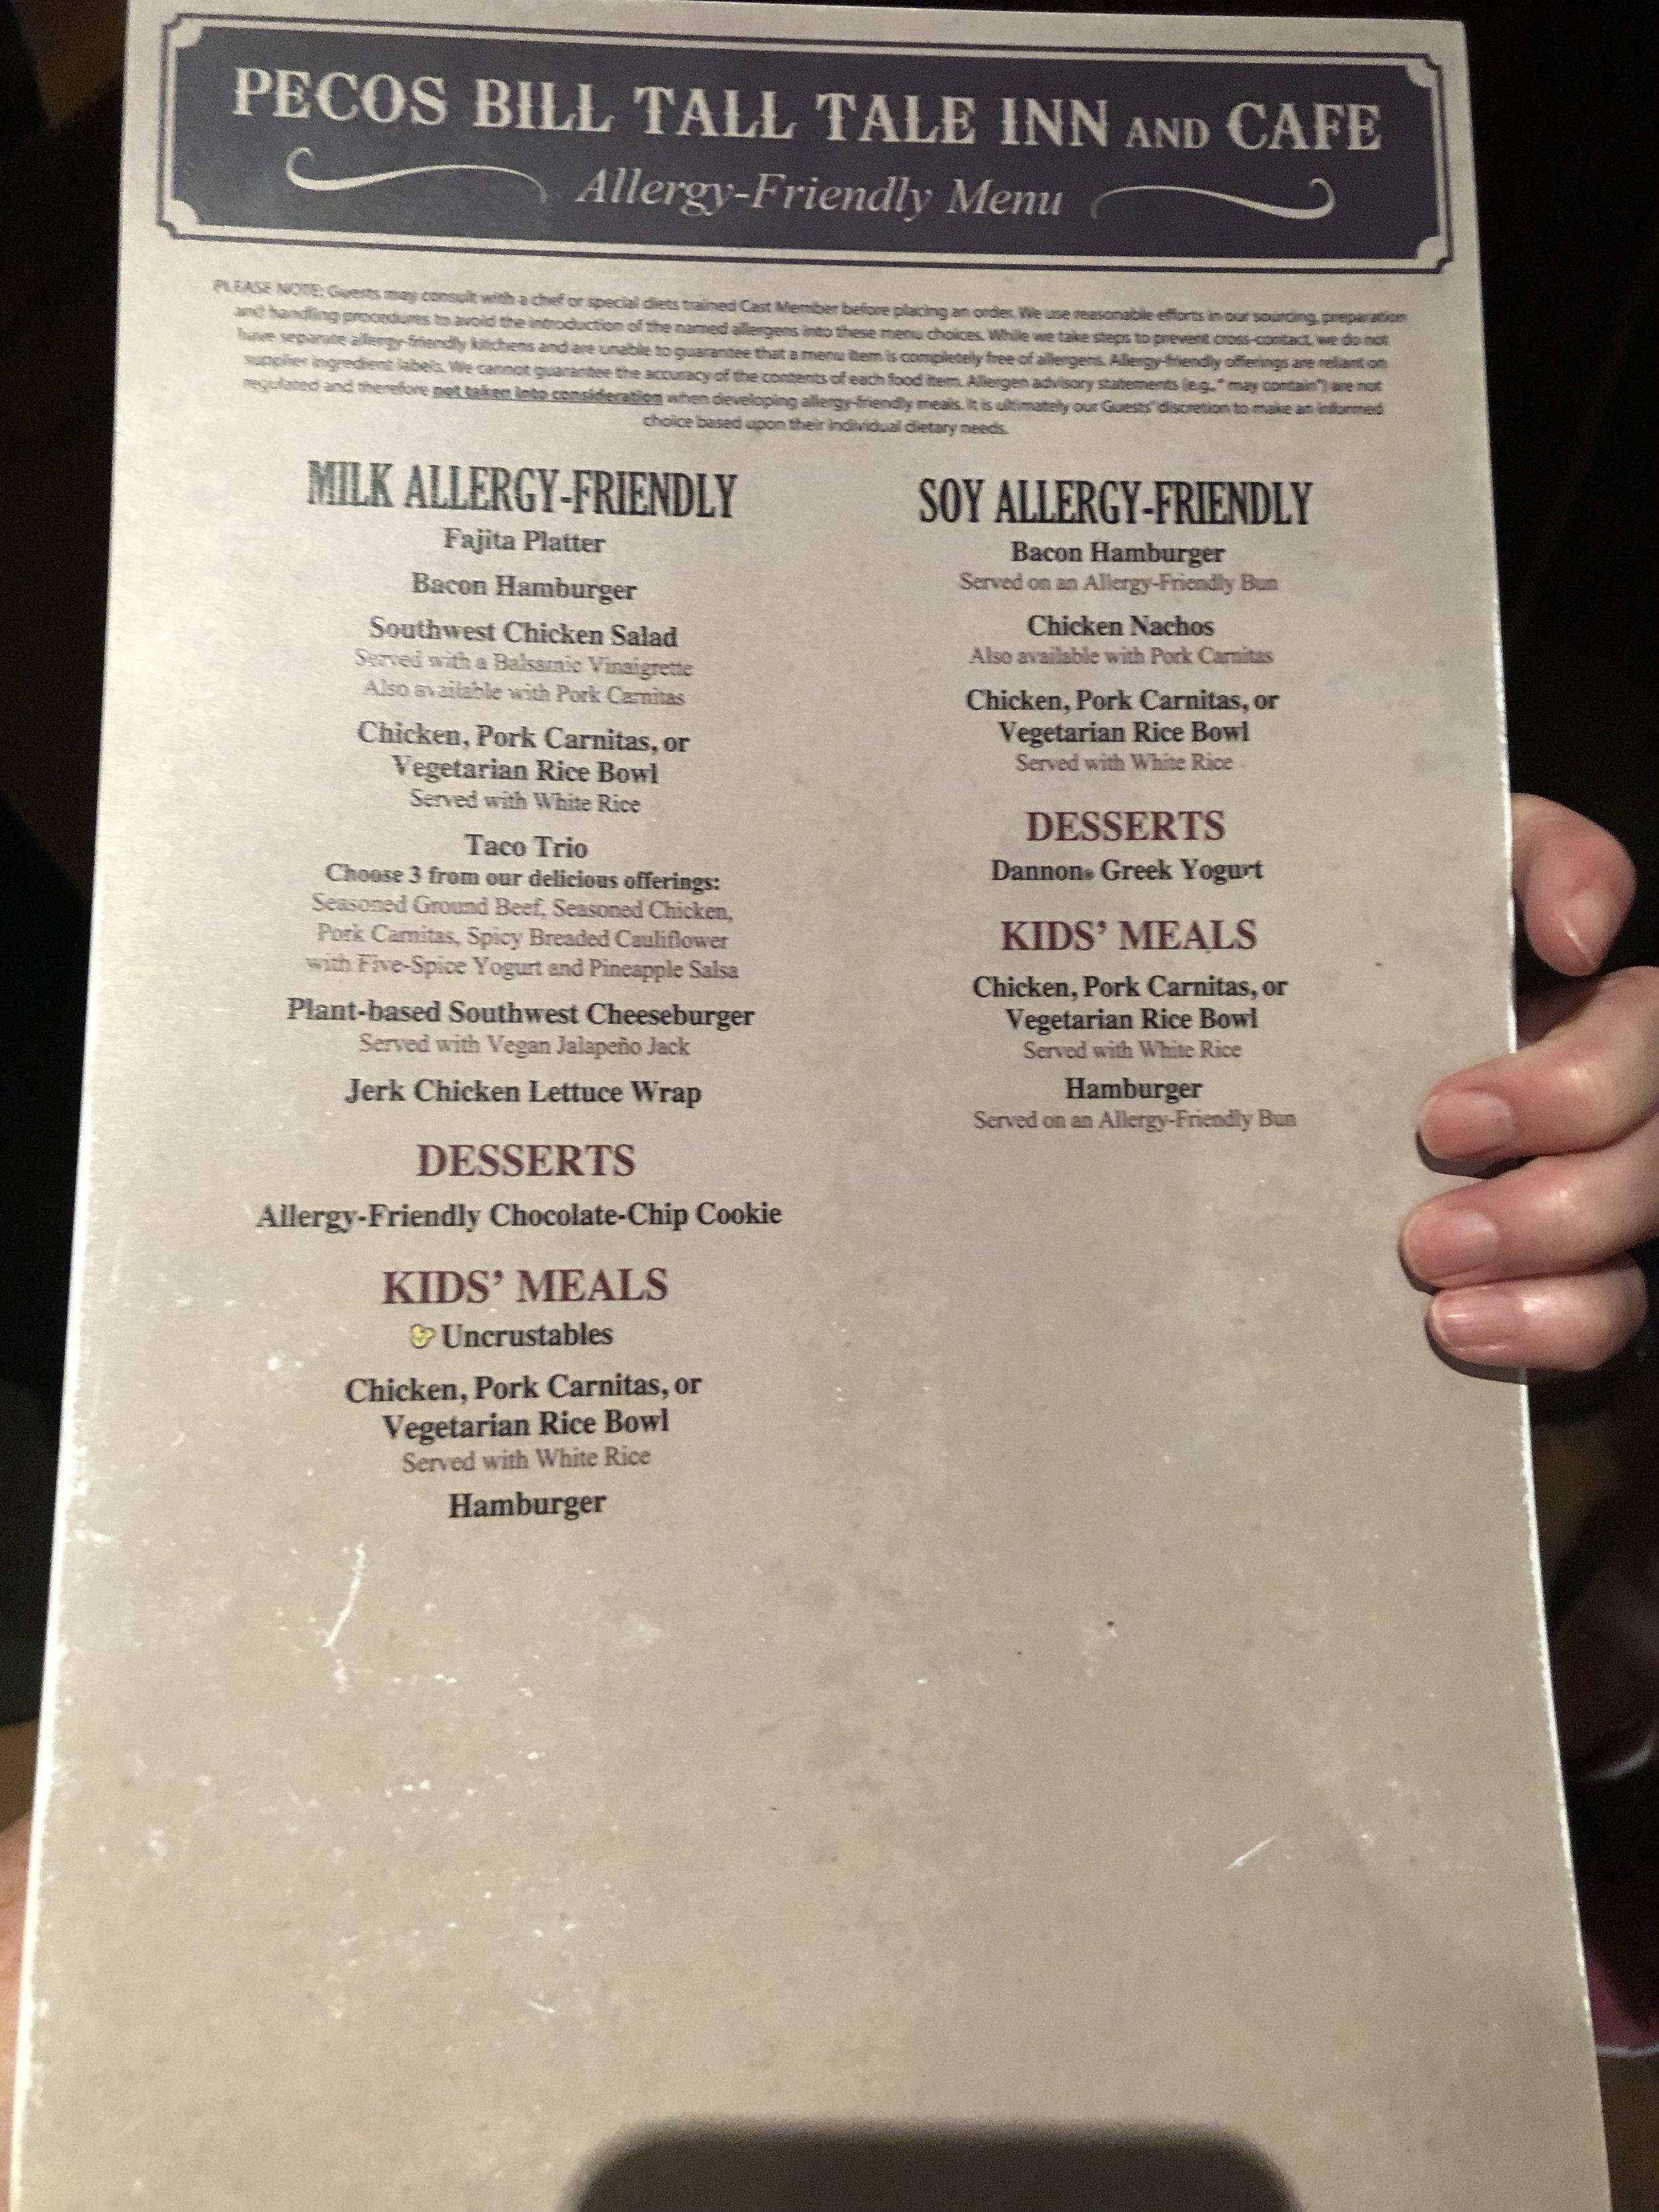 Pecos Bill Tall Tale Inn Allergy Menu Page 2 at Magic Kingdom in Disney World